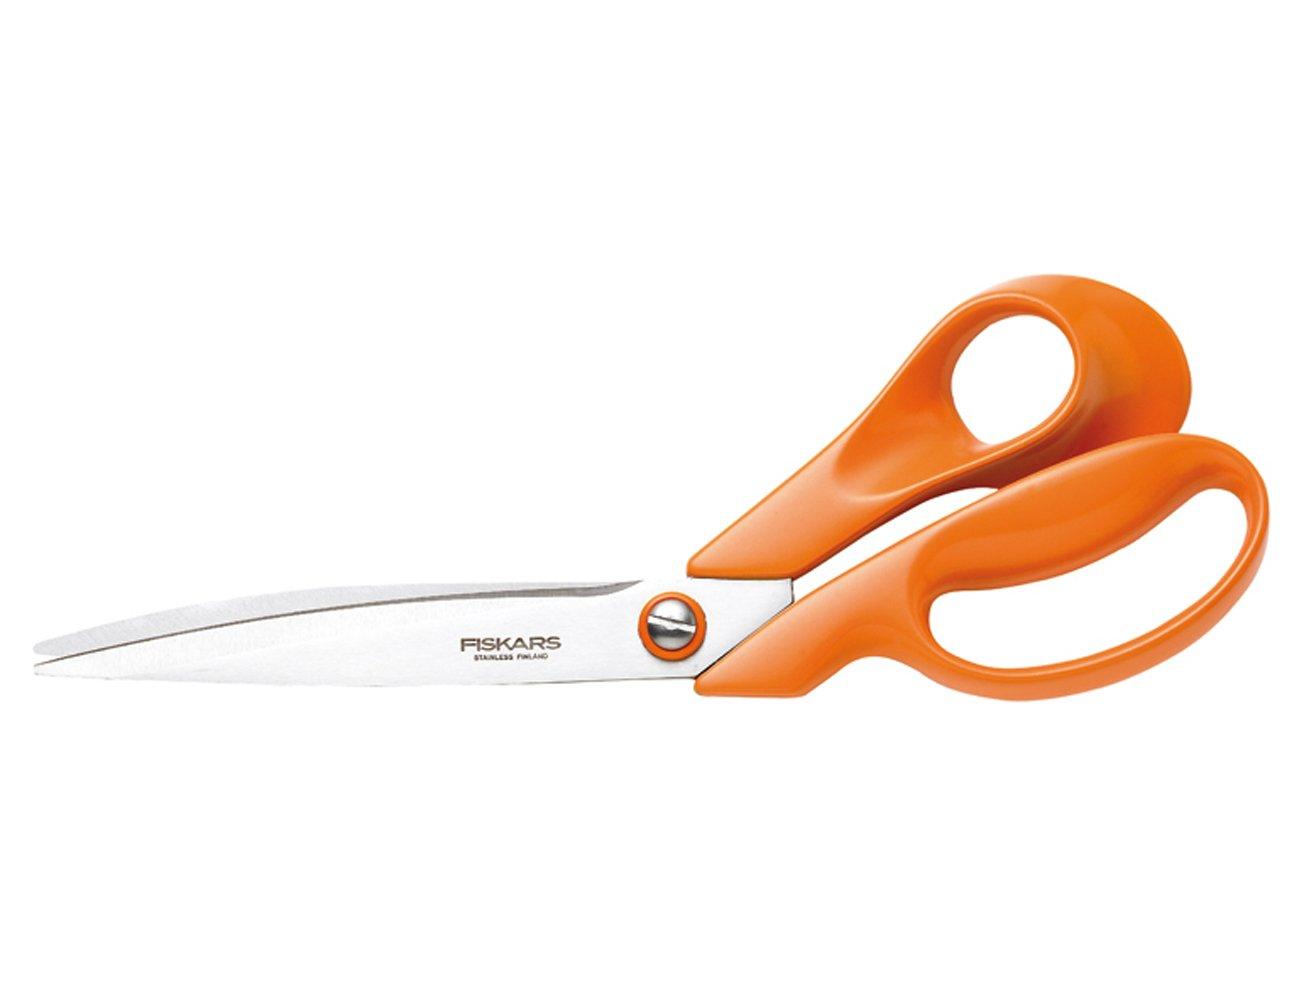 FISKARS_859843_Tailor Scissor